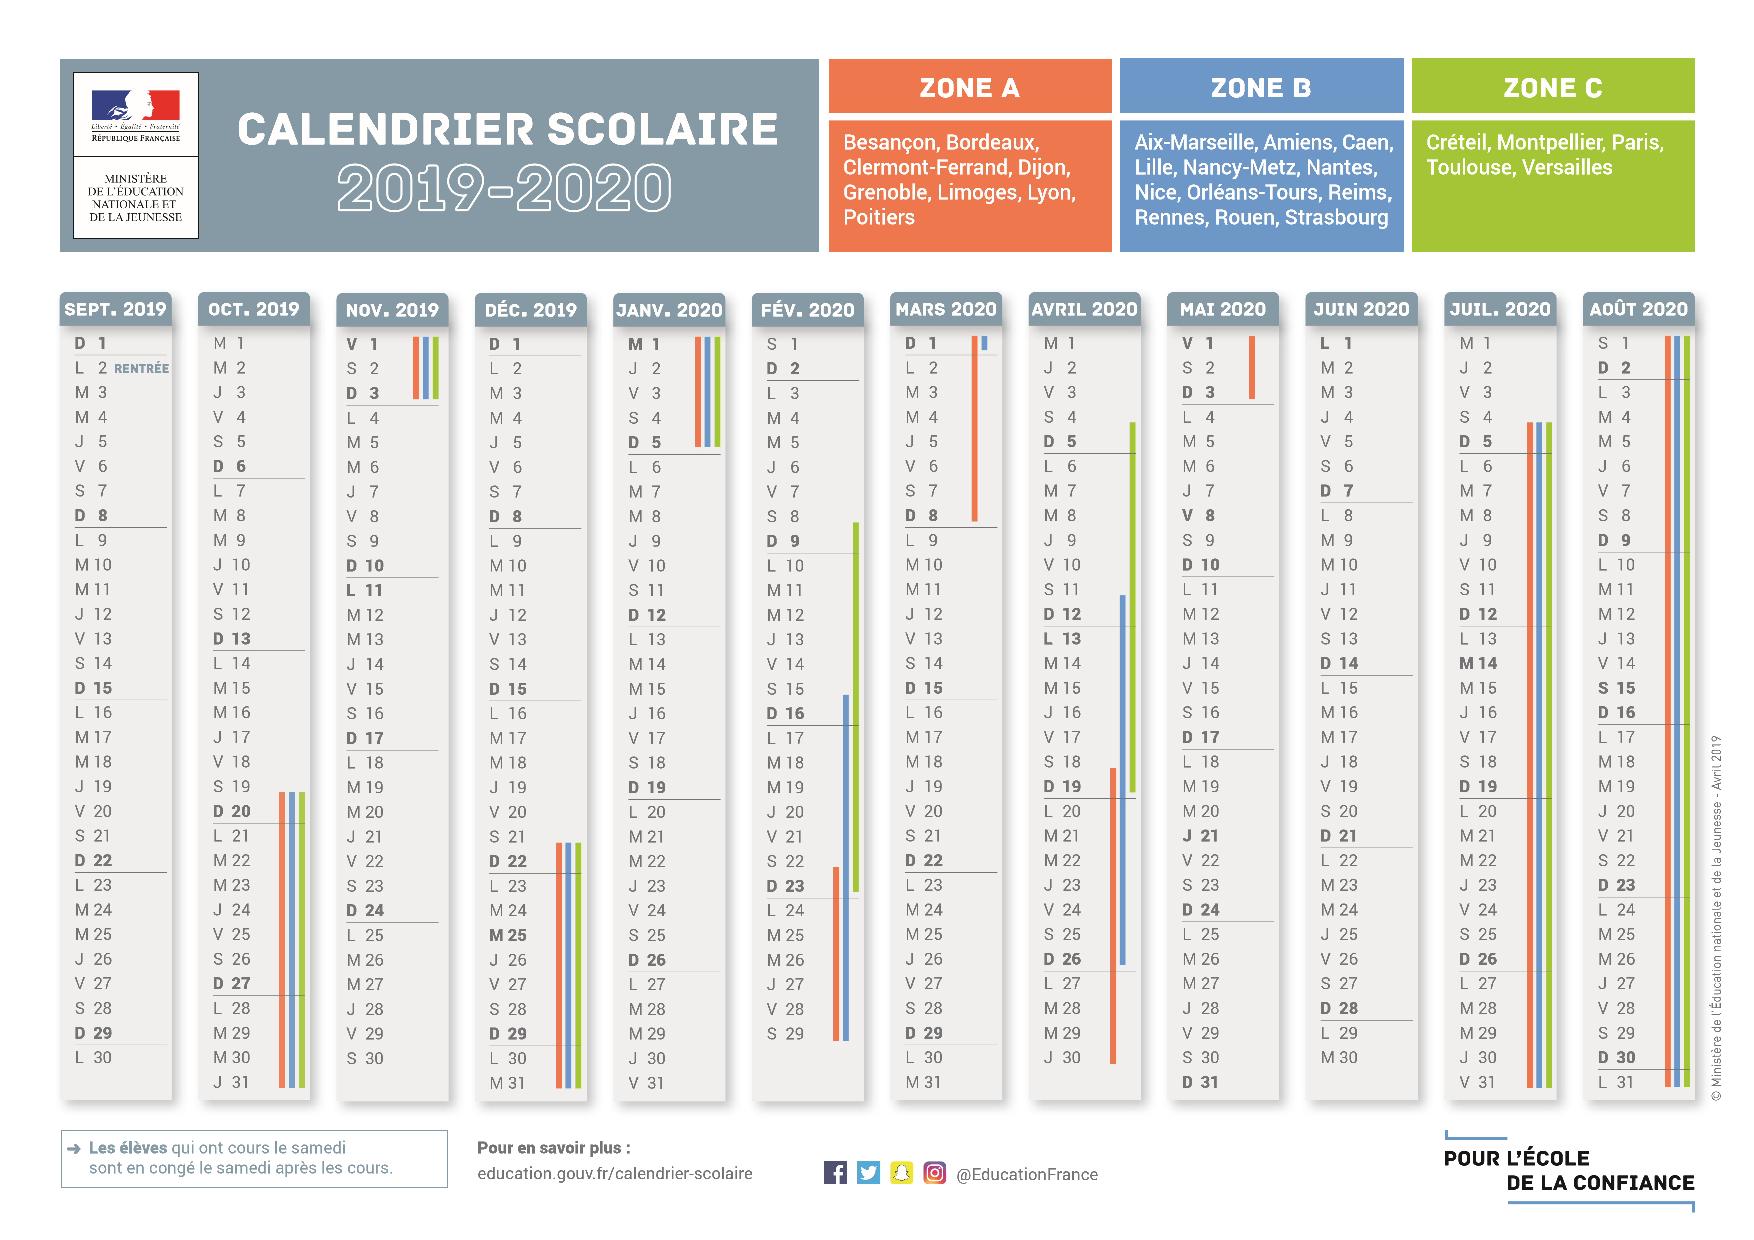 Calendrier 2020 Et 2019.Le Calendrier Scolaire Officiel Pour L Annee 2019 2020